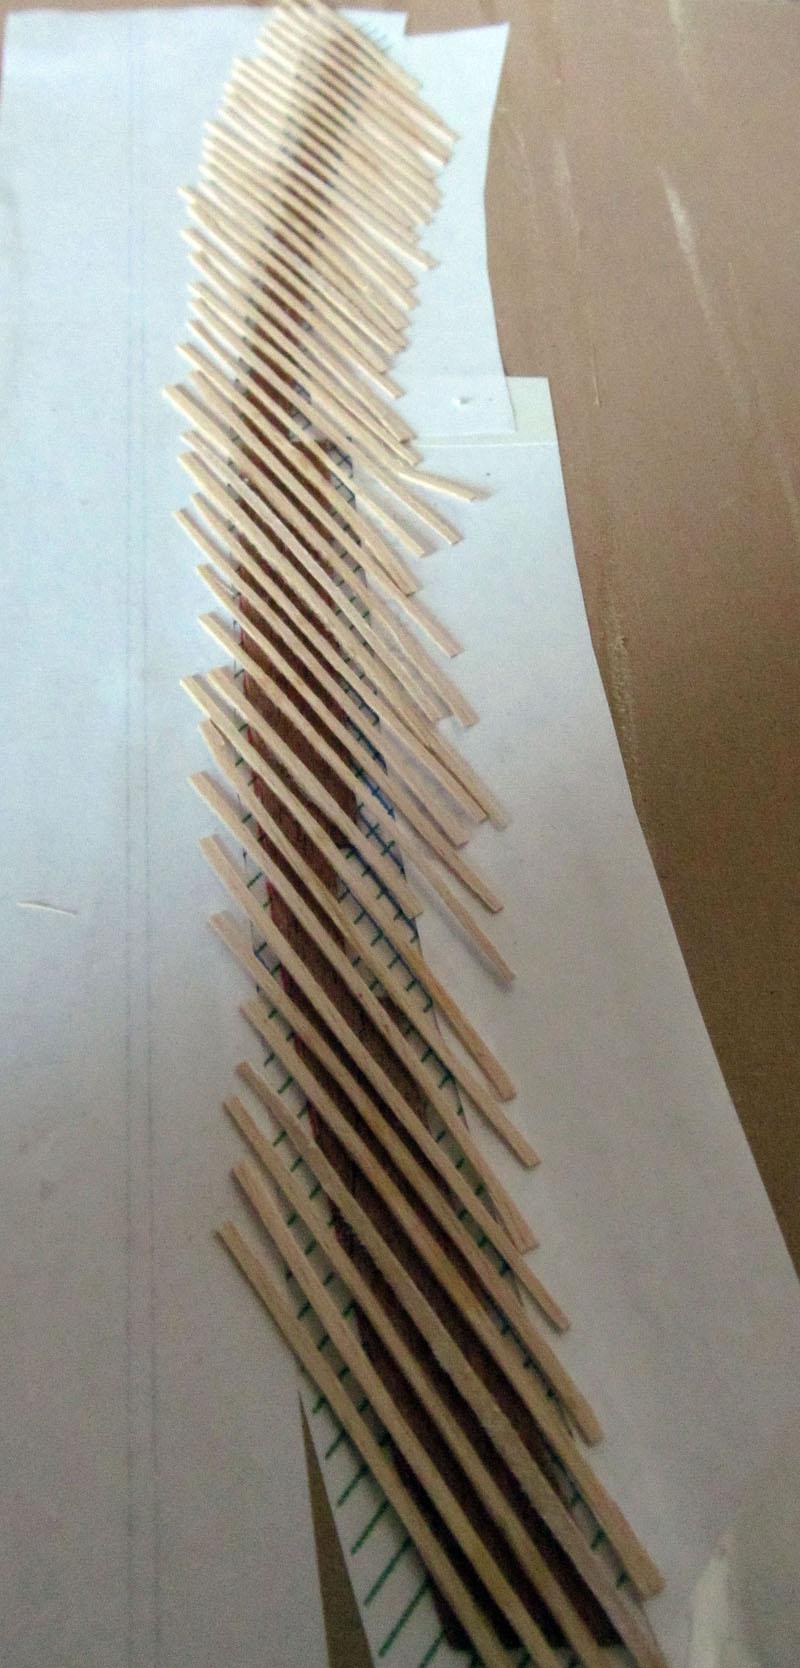 Construction d'un Higaki Kaisen - 1/72 - Scratch  - Page 3 16120304200818121214677651